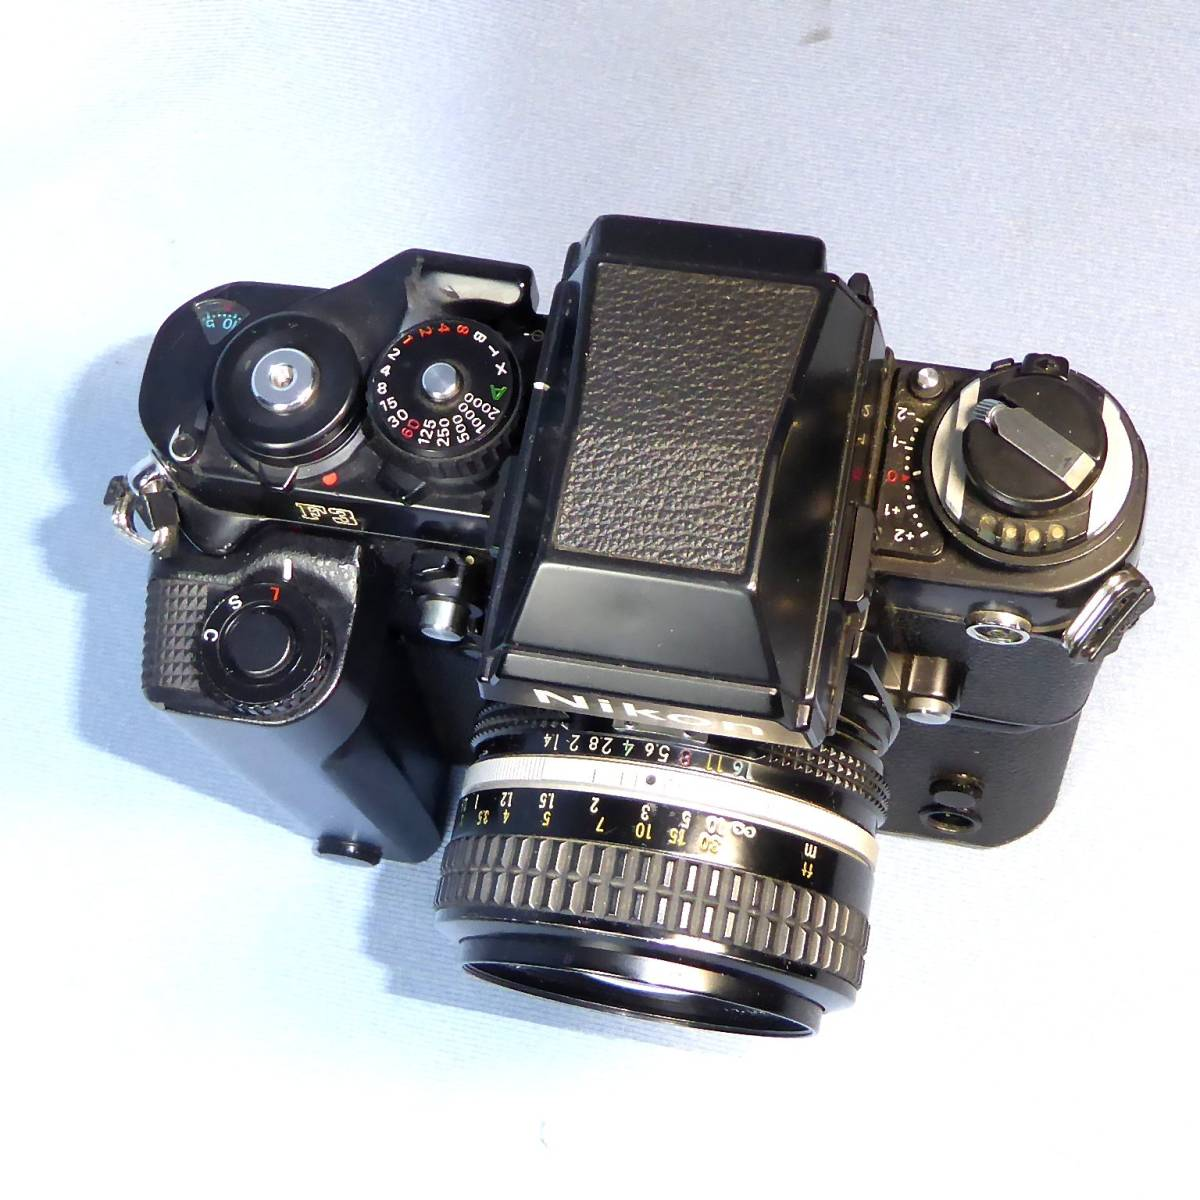 ★  綺麗  諸動作快調  ★   NIKON    F 3  HP   +   MD - 4   +   NIKKOR   50mm/F1.4   +  NIKON ストラップ _画像4